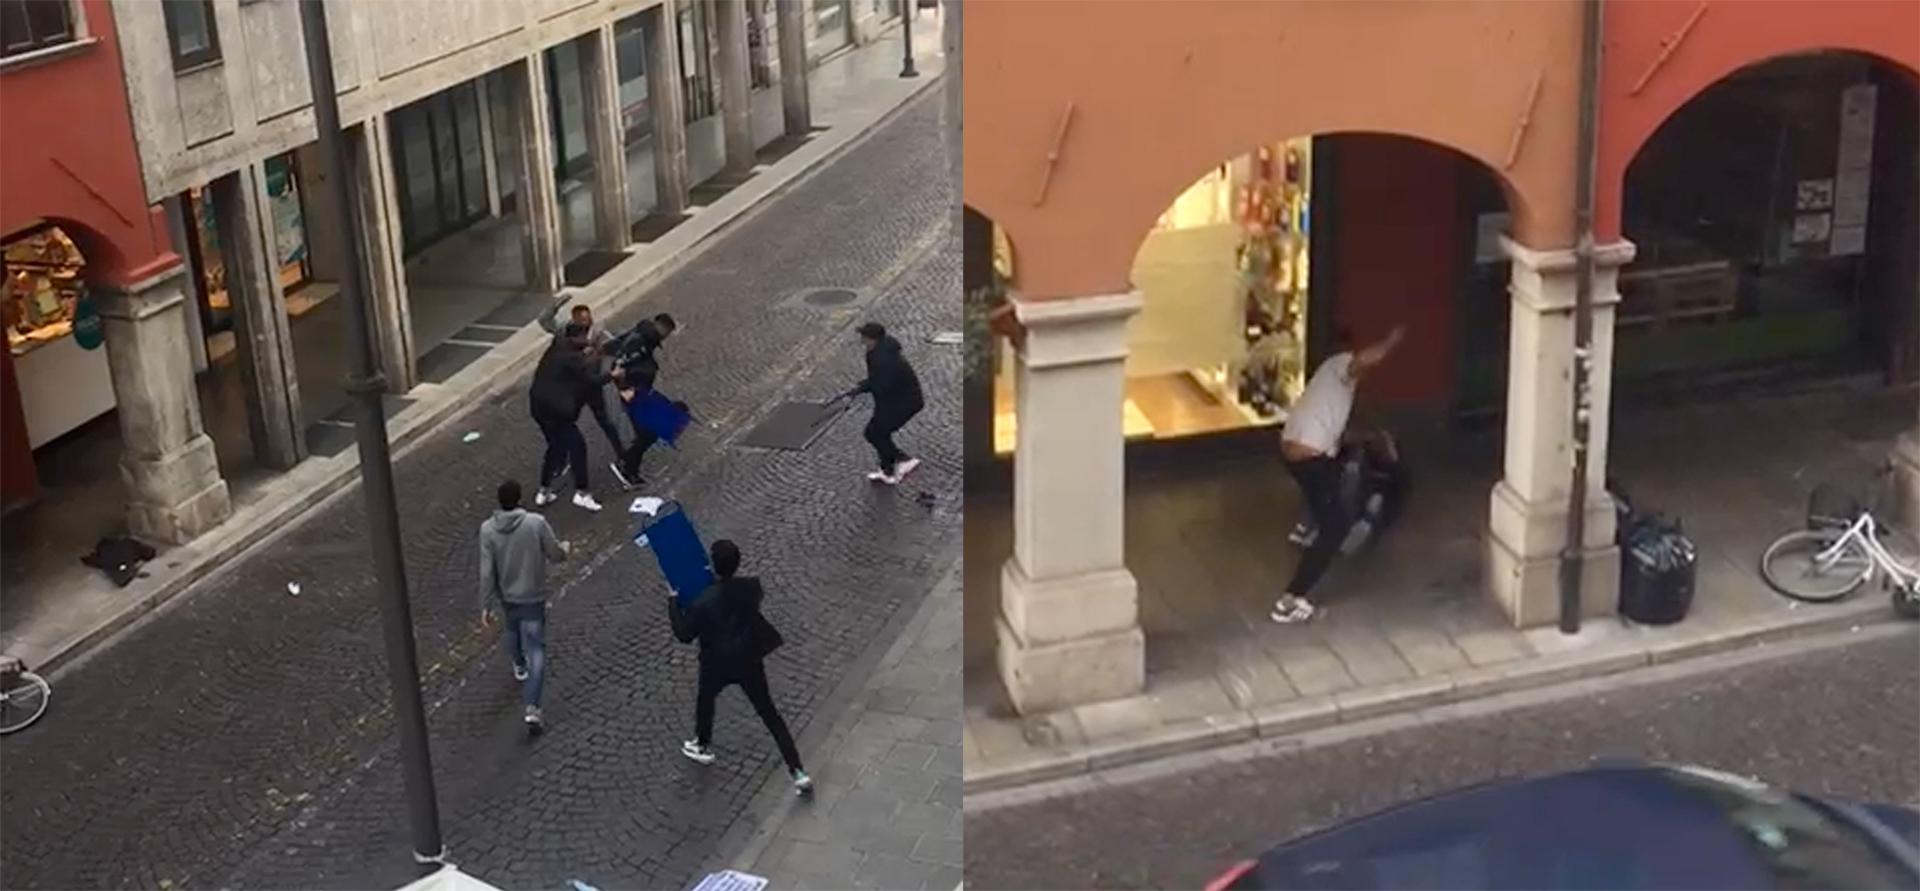 Paura in centro a Udine, gruppetto si prende a calci e pugni. VIDEO